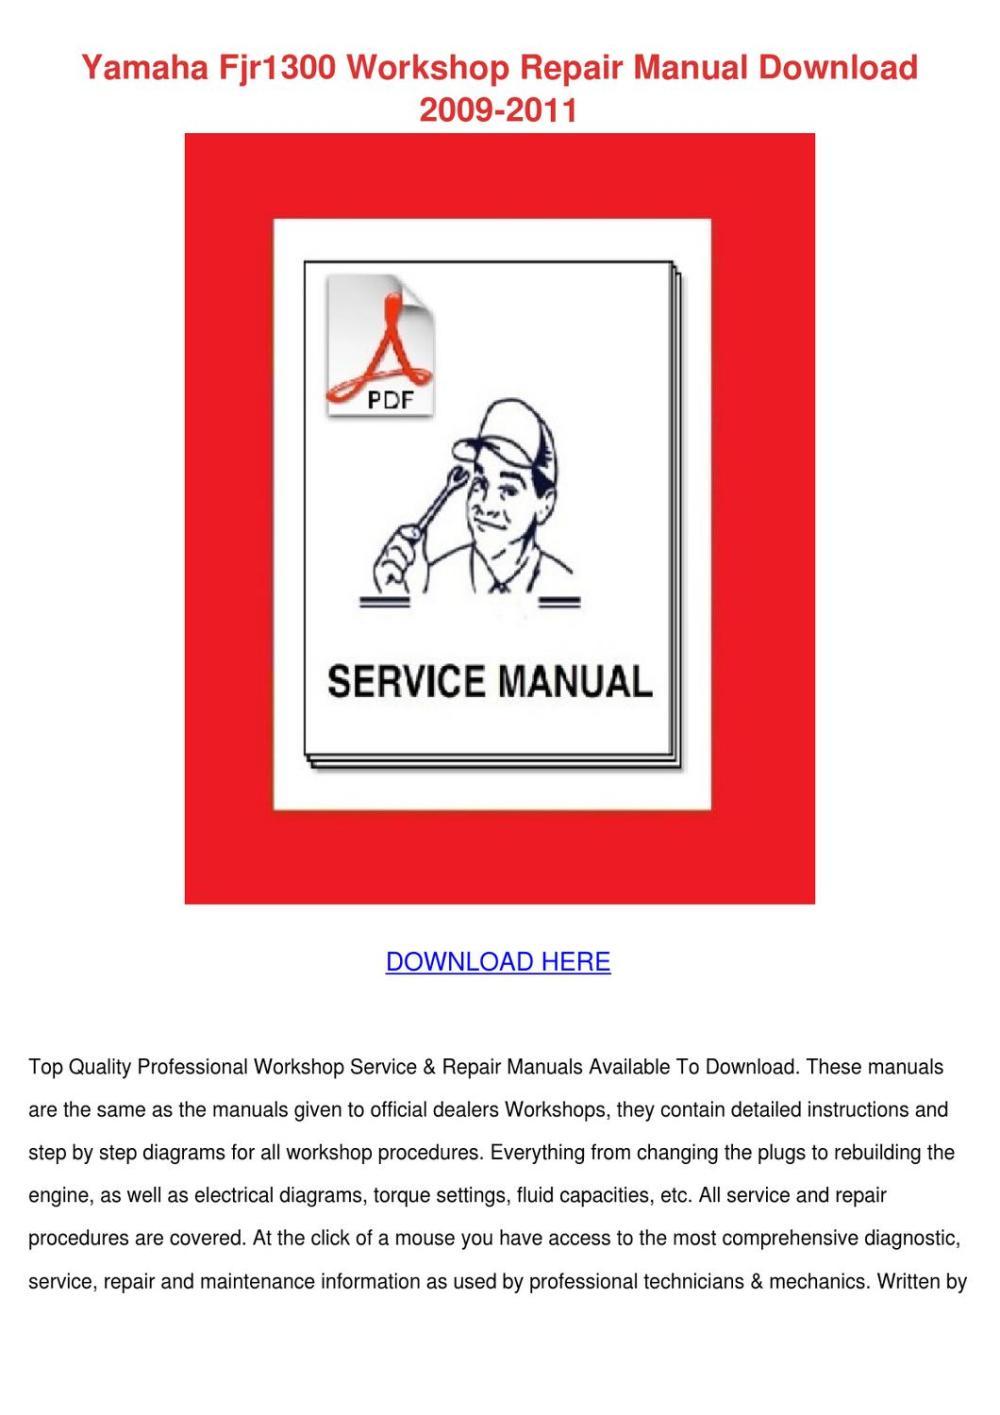 medium resolution of yamaha fjr1300 workshop repair manual downloa